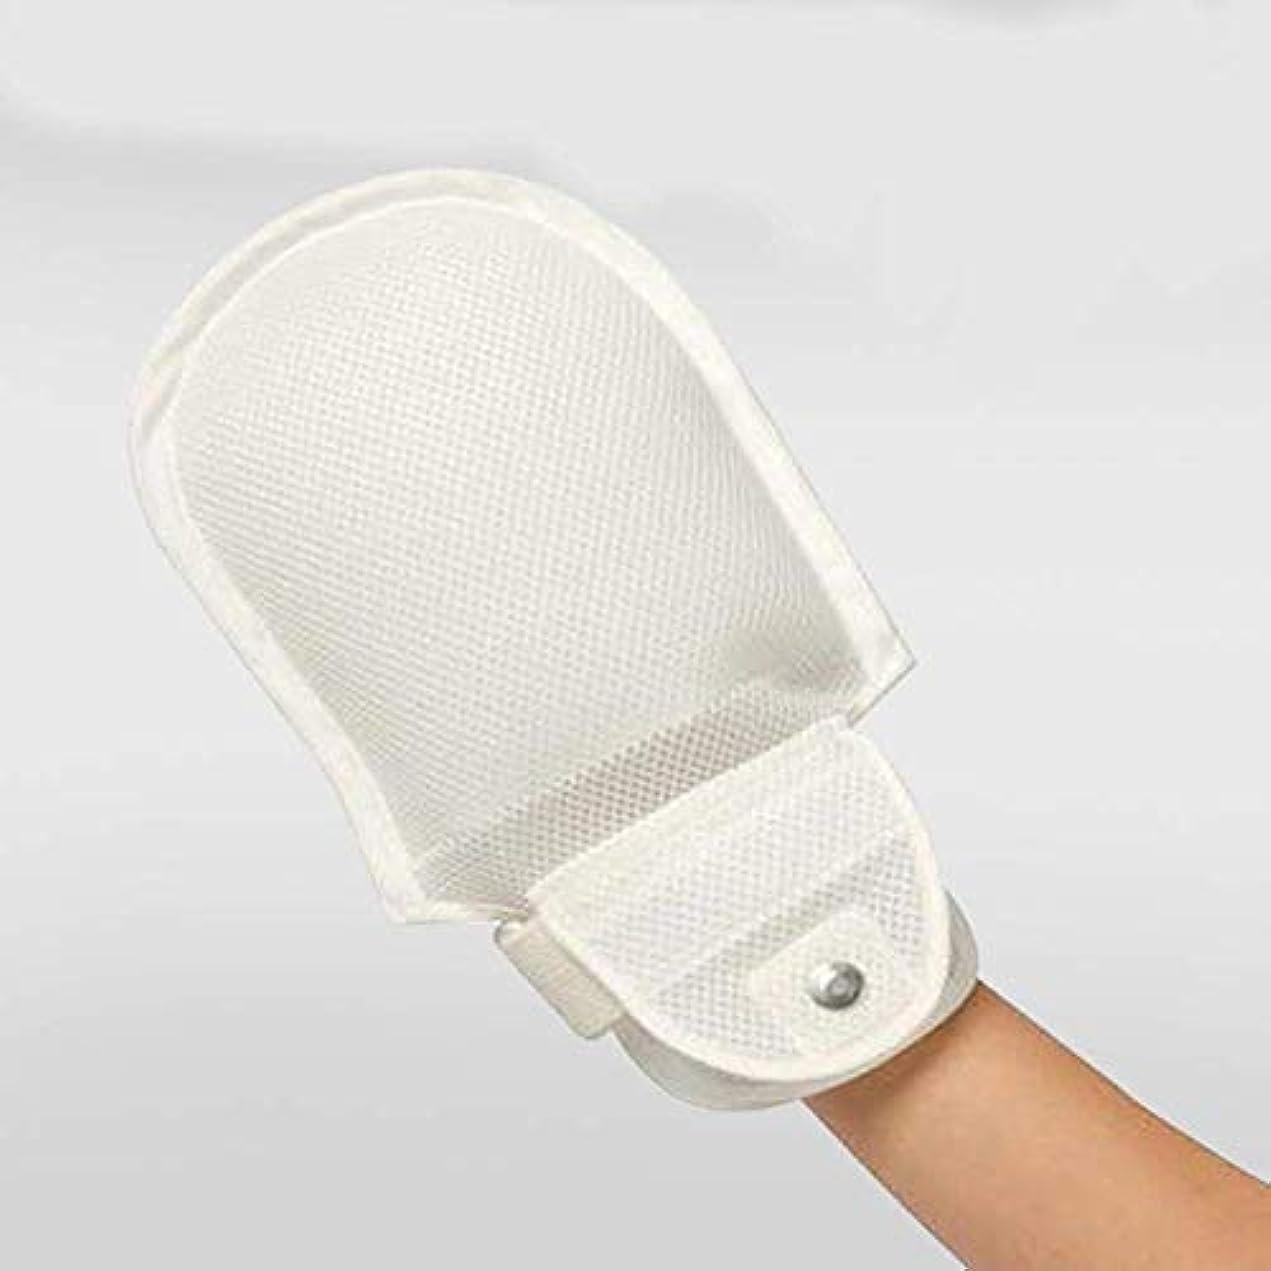 一緒カフェ降伏フィンガーコントロールミット、手の拘束、認知症安全拘束手袋ハンドプロテクターを保護します。 (2PCS)